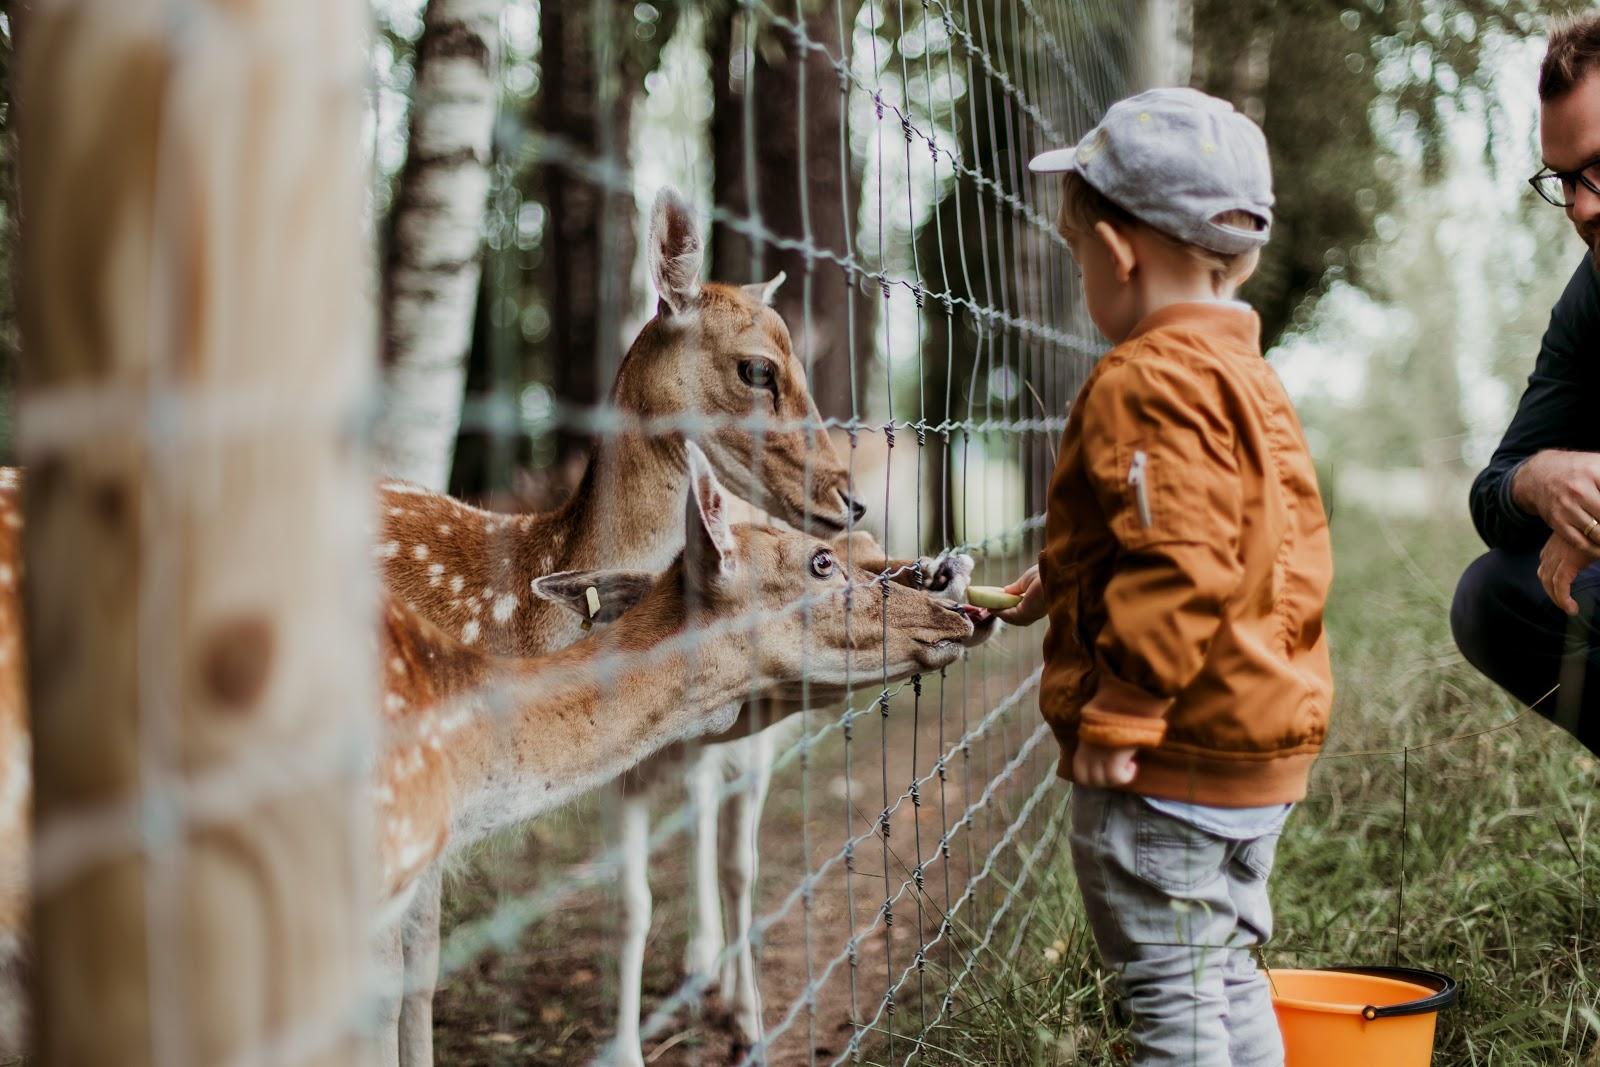 Child feeding deer through a fence